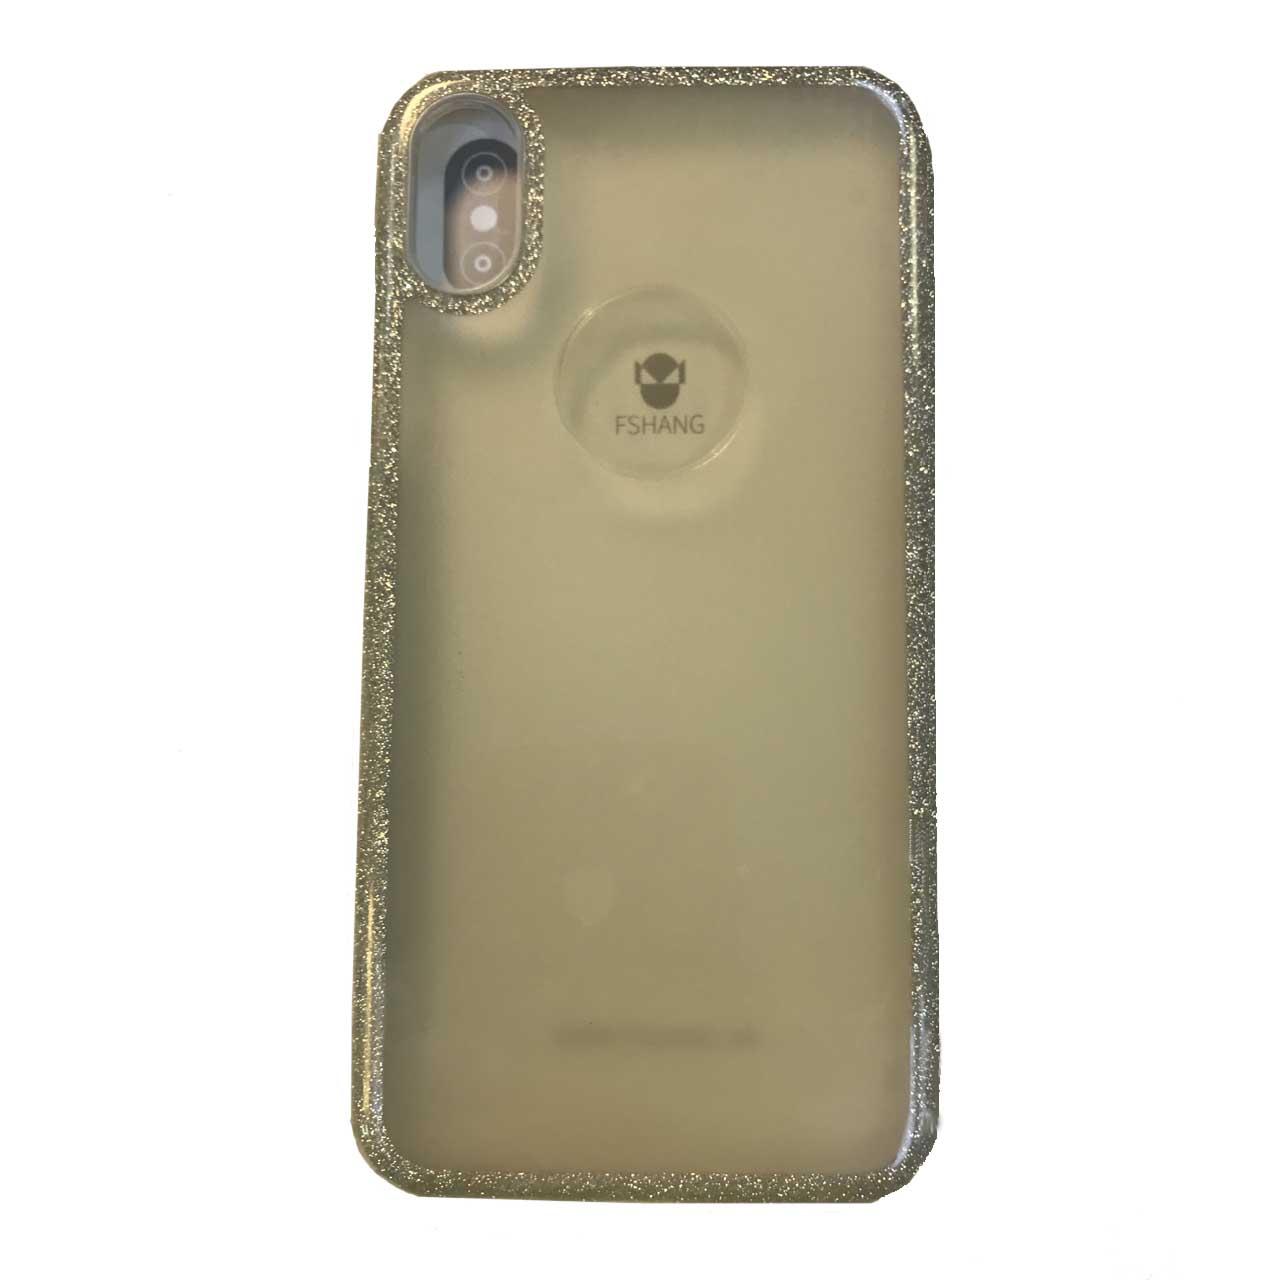 کاور افشنگ مدل phantom مناسب برای گوشی موبایل اپل آیفون X